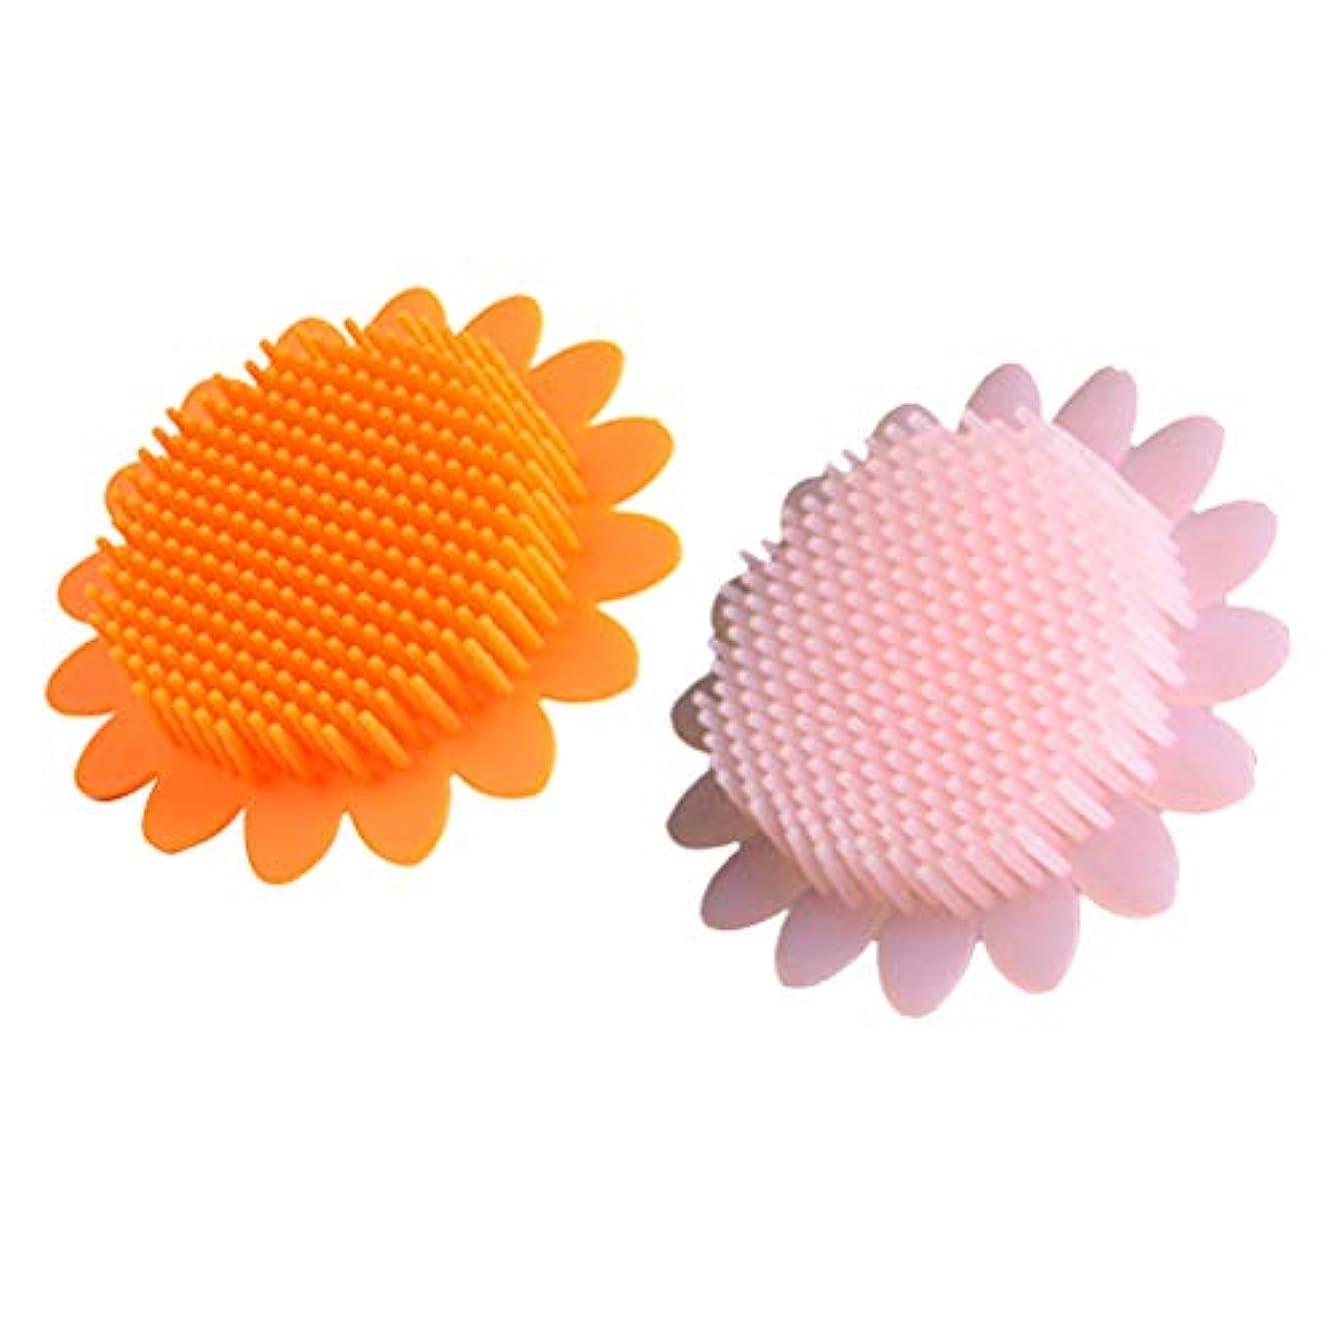 モードリンポンドアラスカBeaupretty 2本の赤ちゃん風呂ブラシシリコーンボディブラシ頭皮マッサージブラシ赤ちゃんのためのシャンプーブラシ(オレンジ+ピンク)